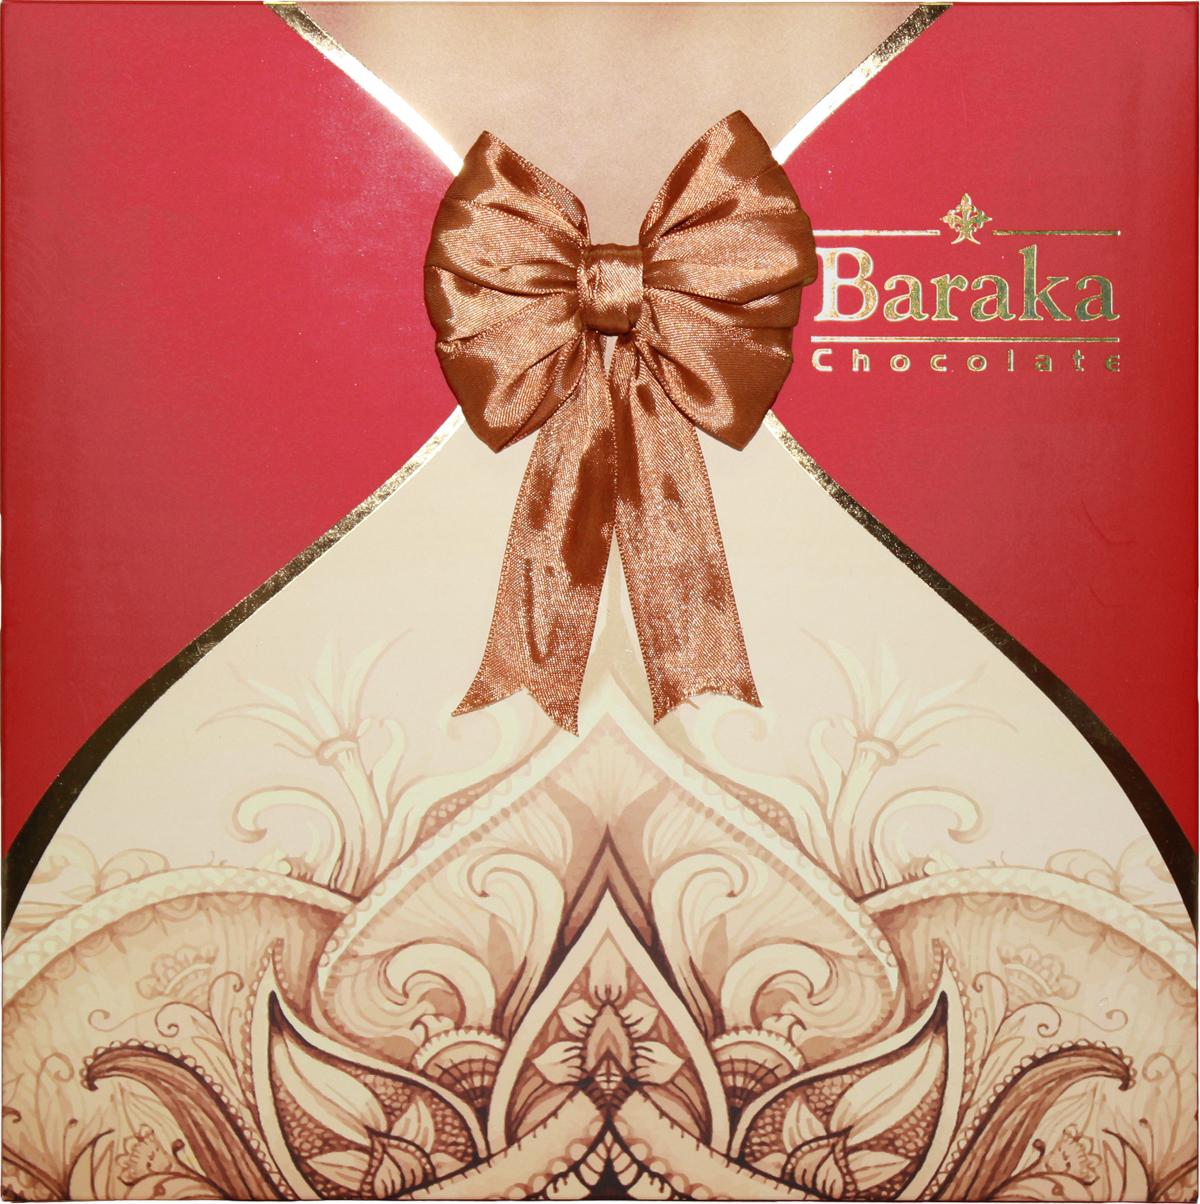 Baraka Бану ассорти шоколадных конфет, 240 г7.23.27Ассорти из молочного и темного шоколада.